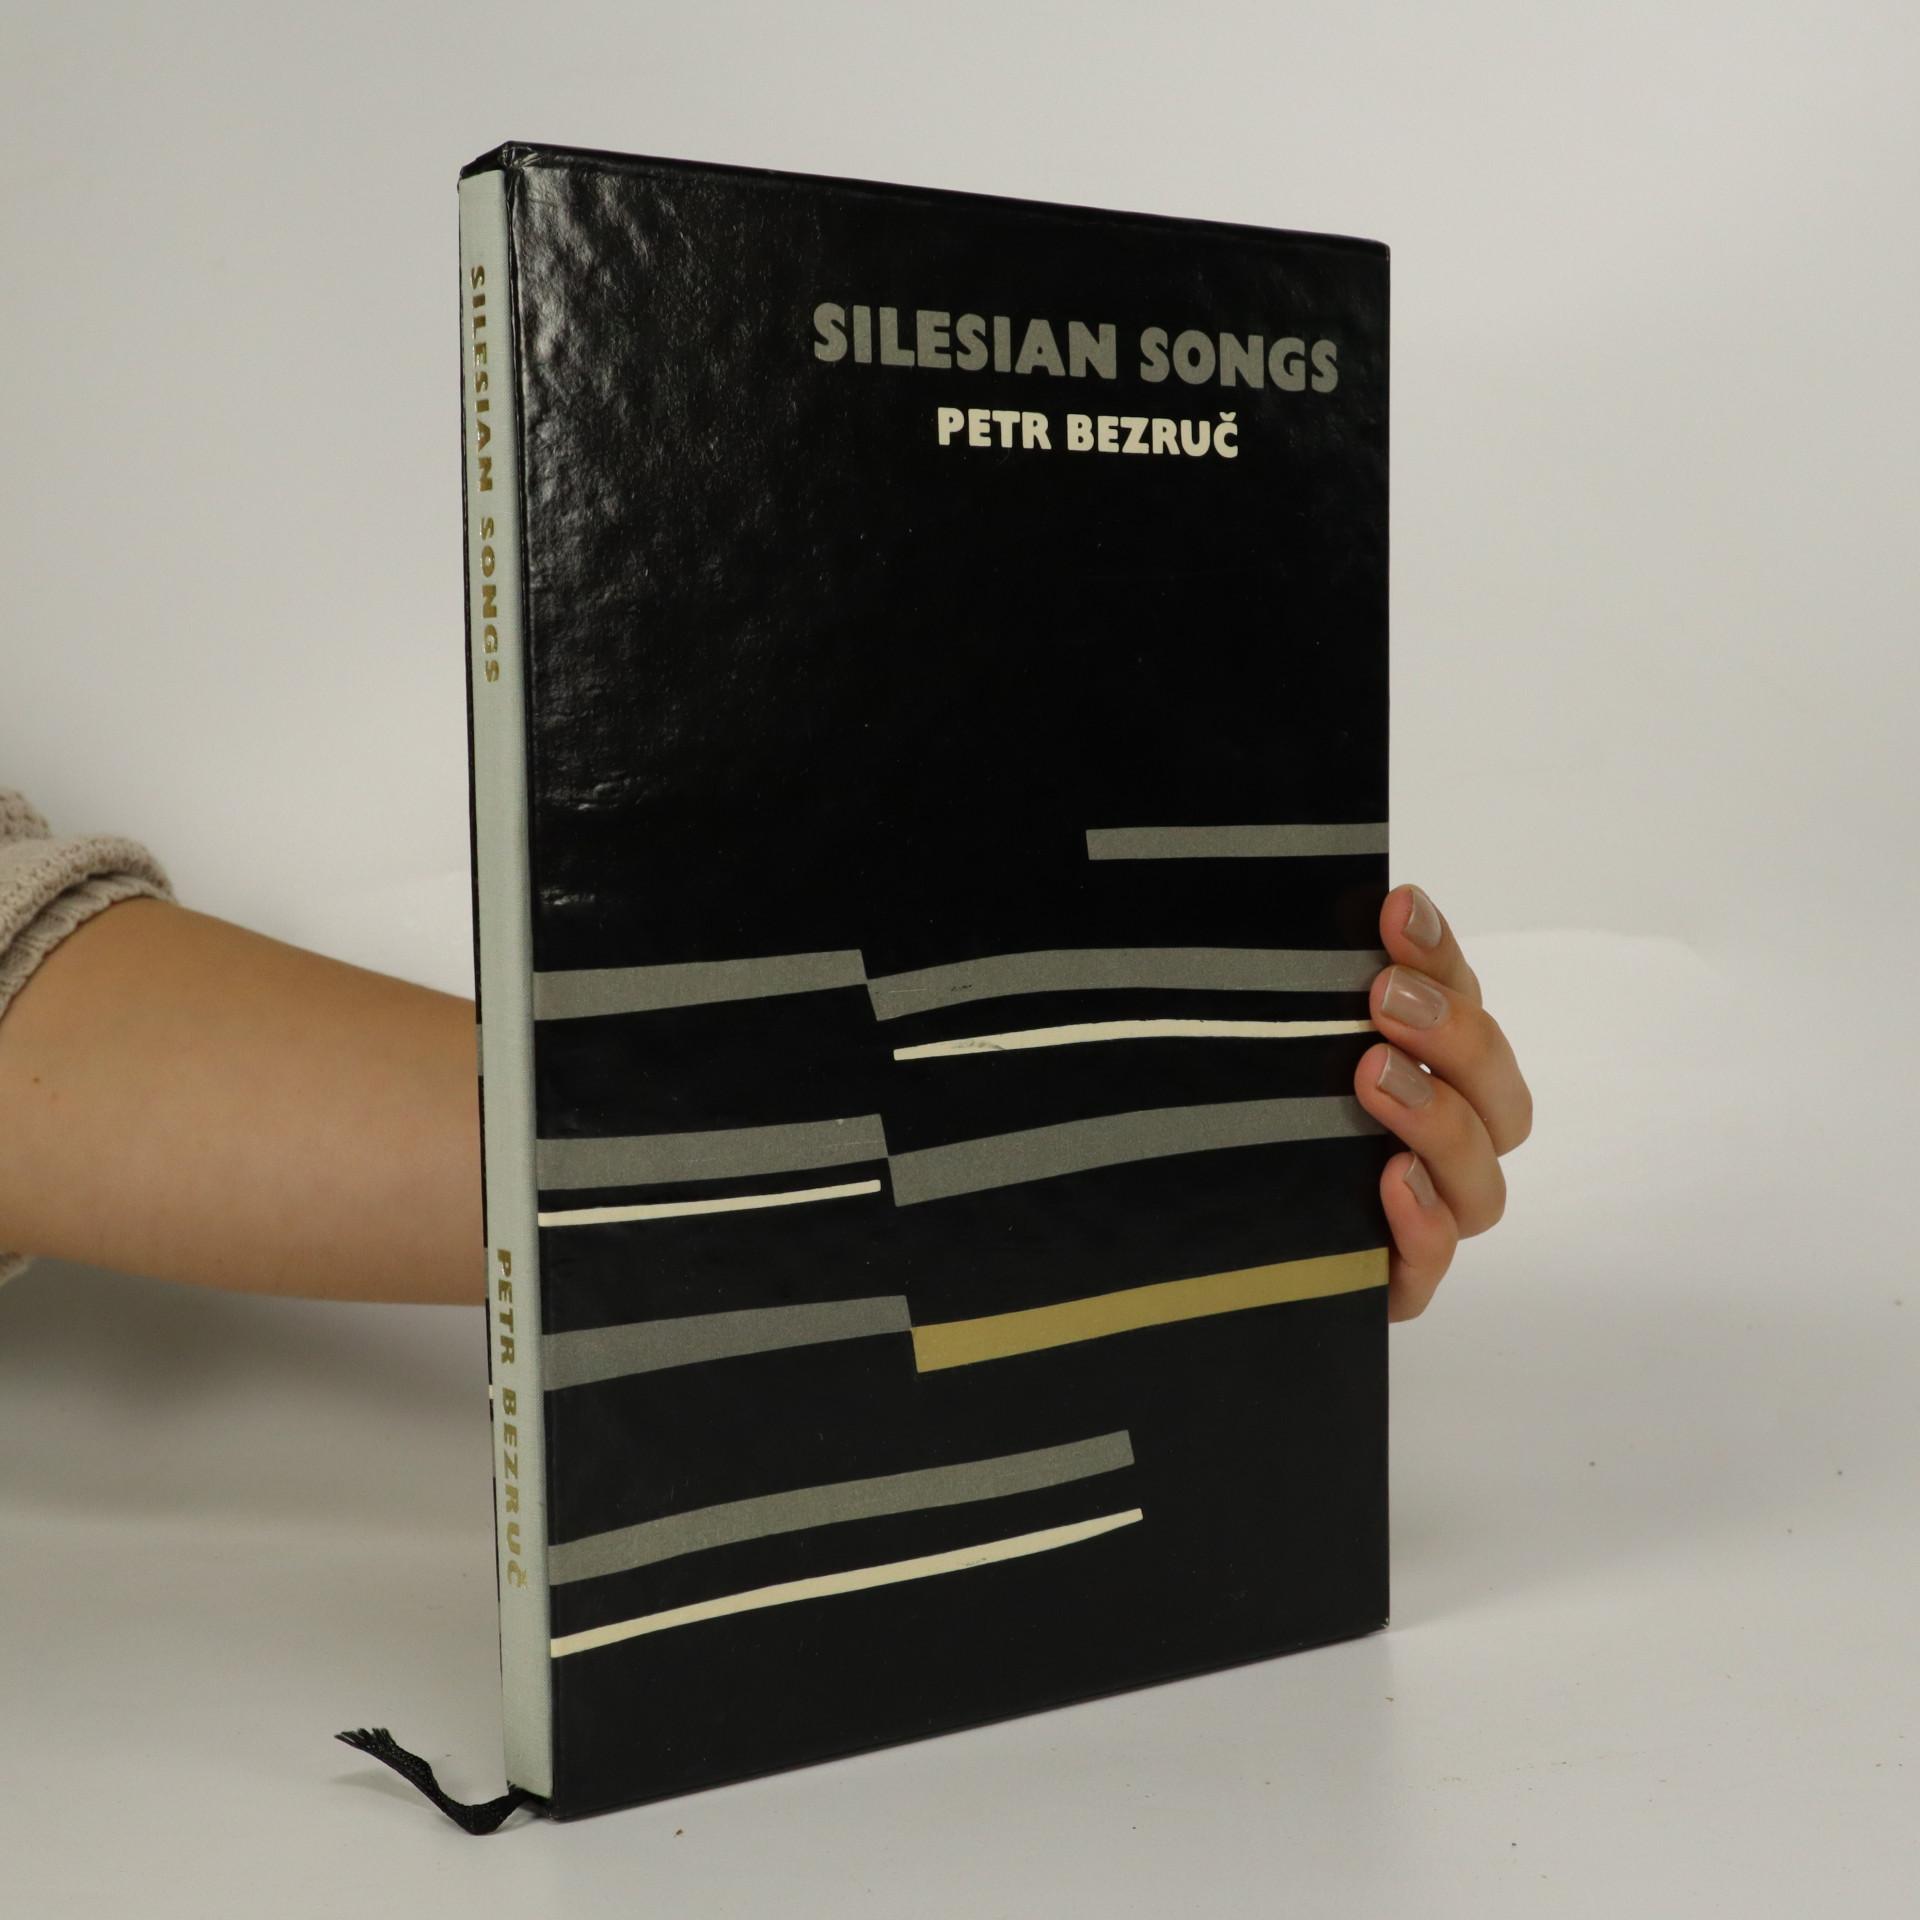 antikvární kniha Silesian songs, 1966